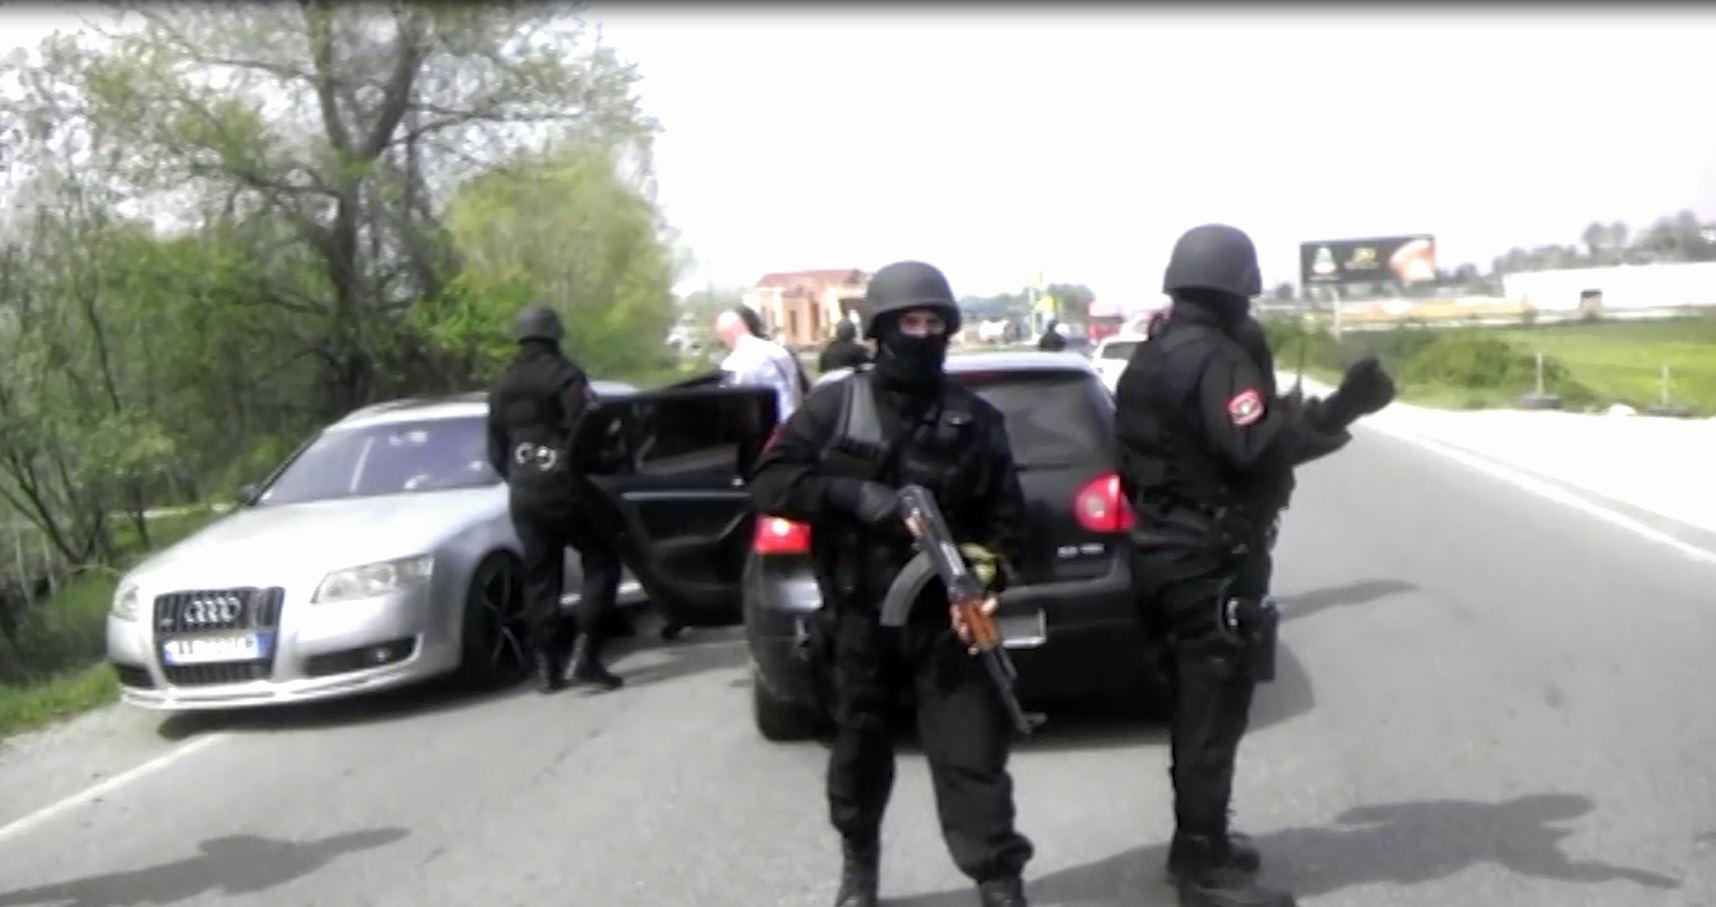 Operacion policor kundër trafikimit të qenieve njerëzore, mbi 40 udhërarreste të lëshuara